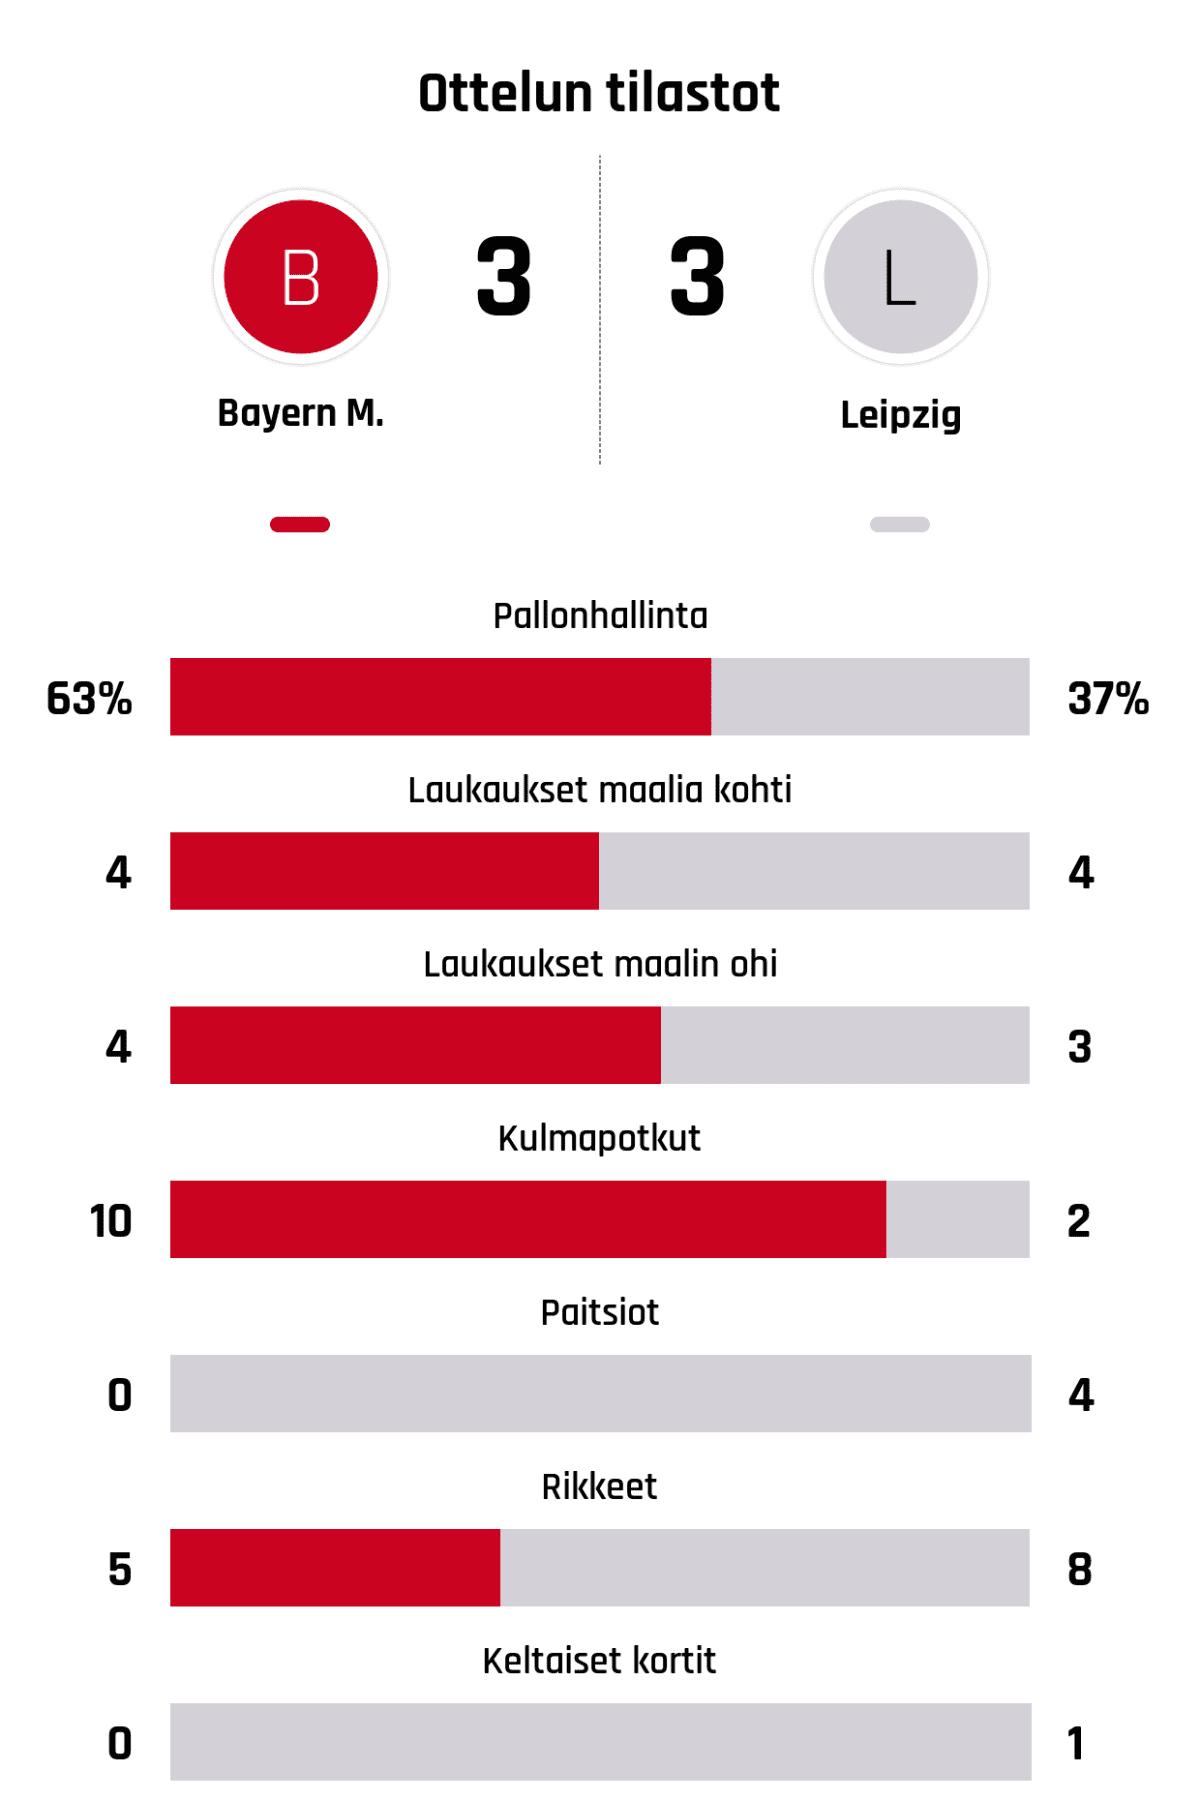 Pallonhallinta 63%-37% Laukaukset maalia kohti 4-4 Laukaukset maalin ohi 4-3 Kulmapotkut 10-2 Paitsiot 0-4 Rikkeet 5-8 Keltaiset kortit 0-1